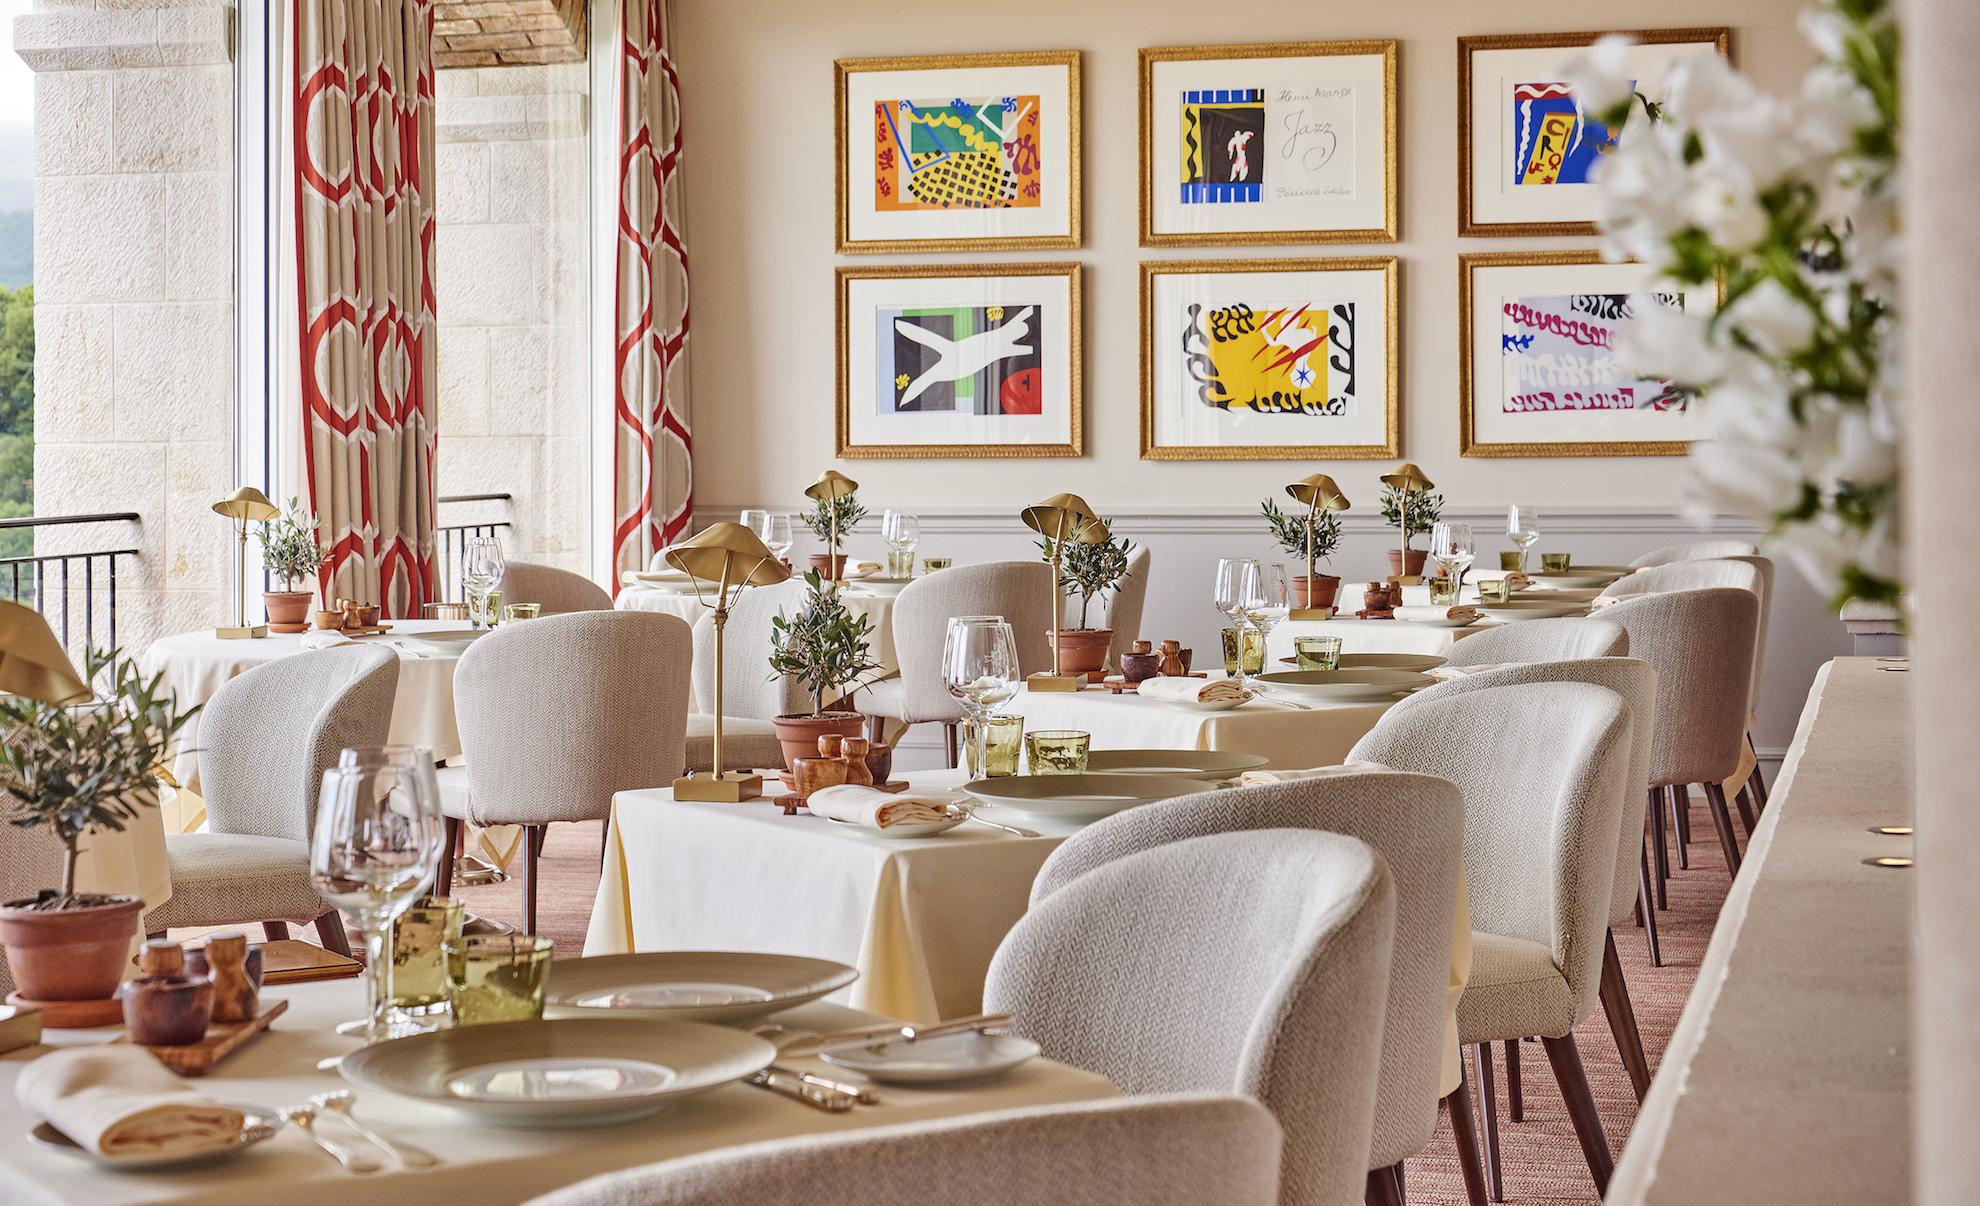 Le Saint-Martin @ Chateau Saint-Martin & Spa